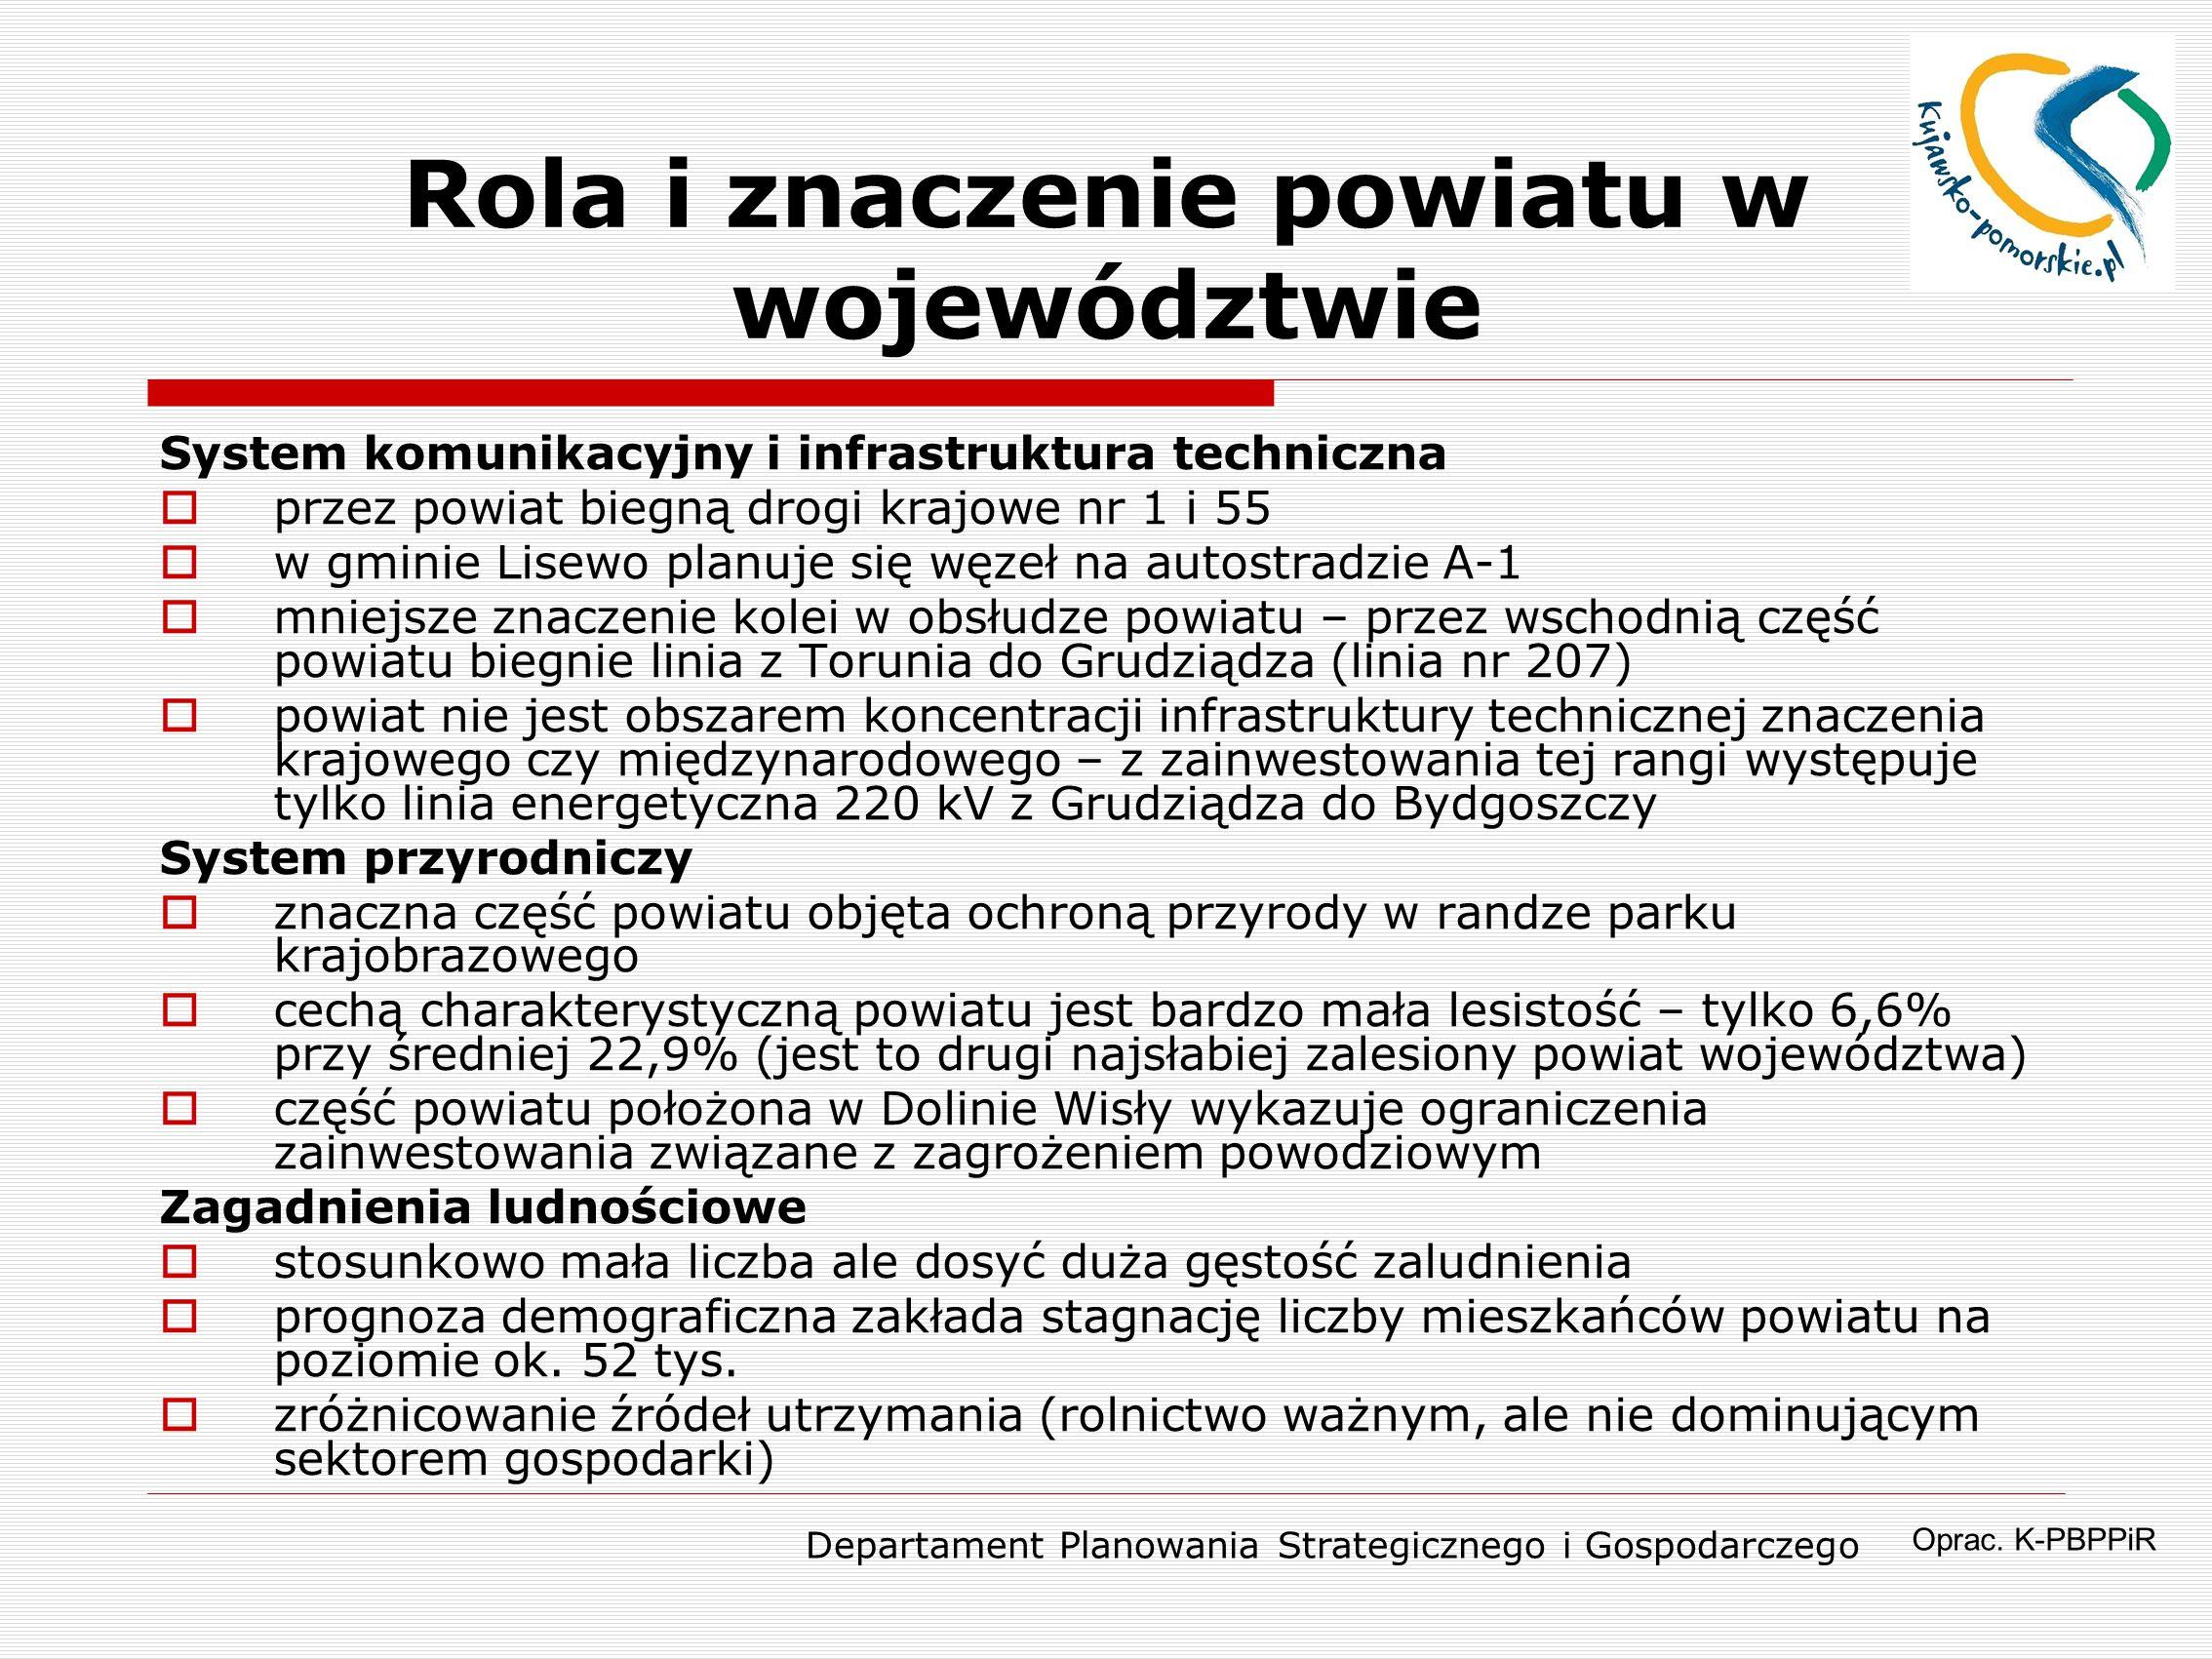 Departament Planowania Strategicznego i Gospodarczego Rola i znaczenie powiatu w województwie Oprac. K-PBPPiR System komunikacyjny i infrastruktura te